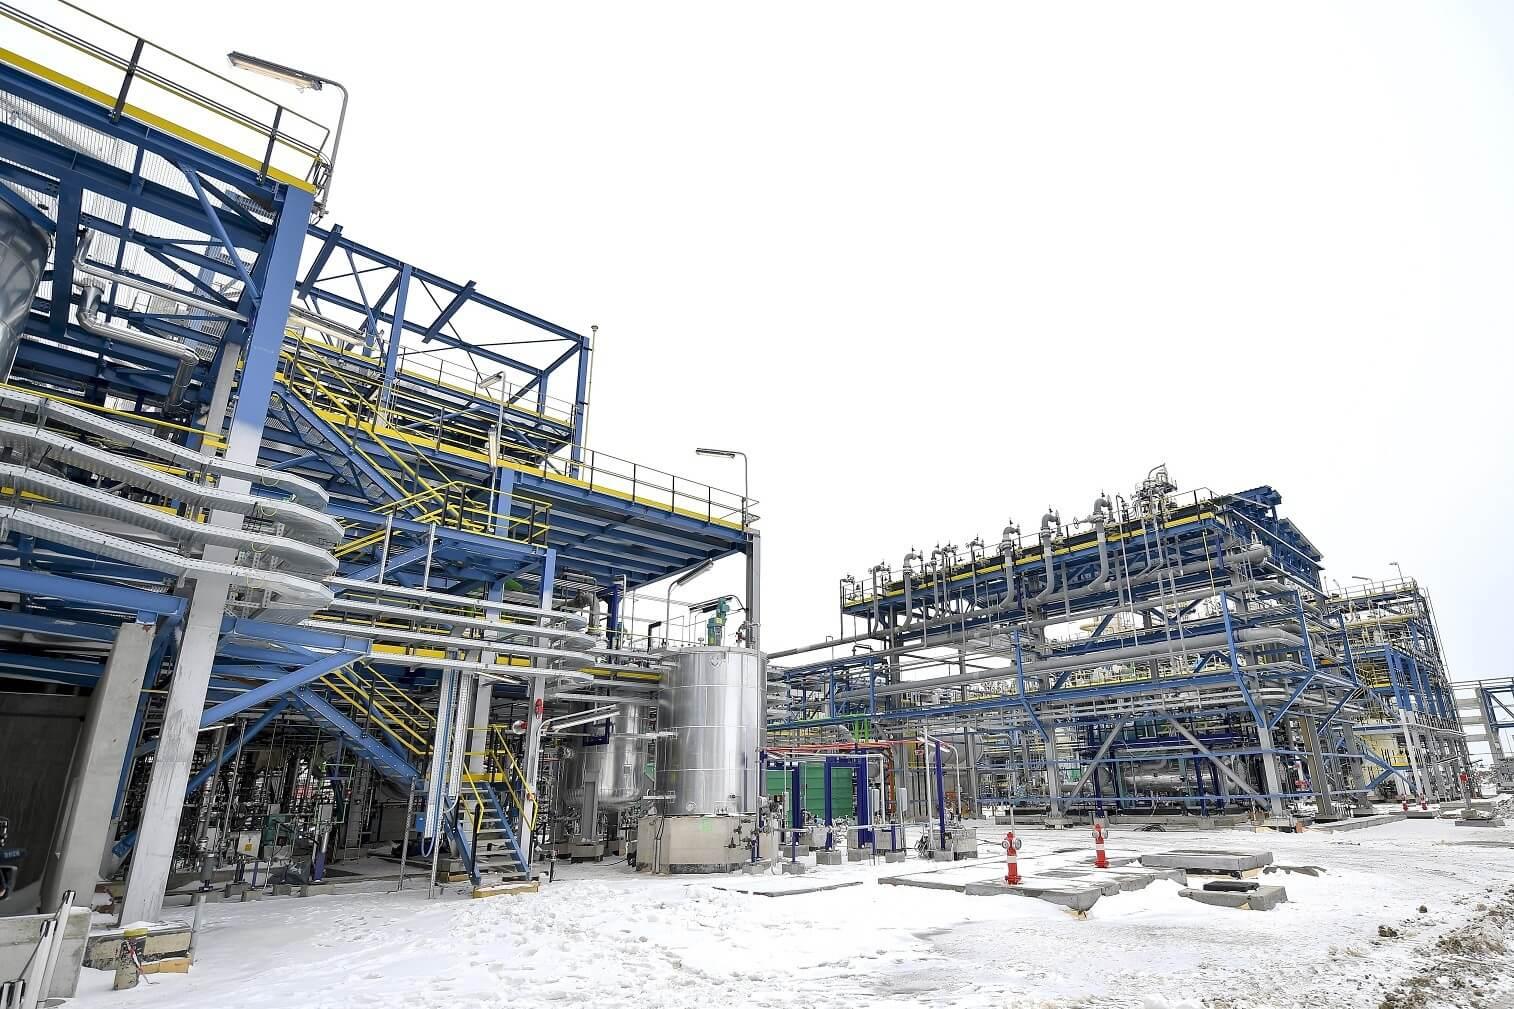 Évi ötvenmillió gumiabroncshoz gyárt alapanyagot Tiszaújváros új üzeme